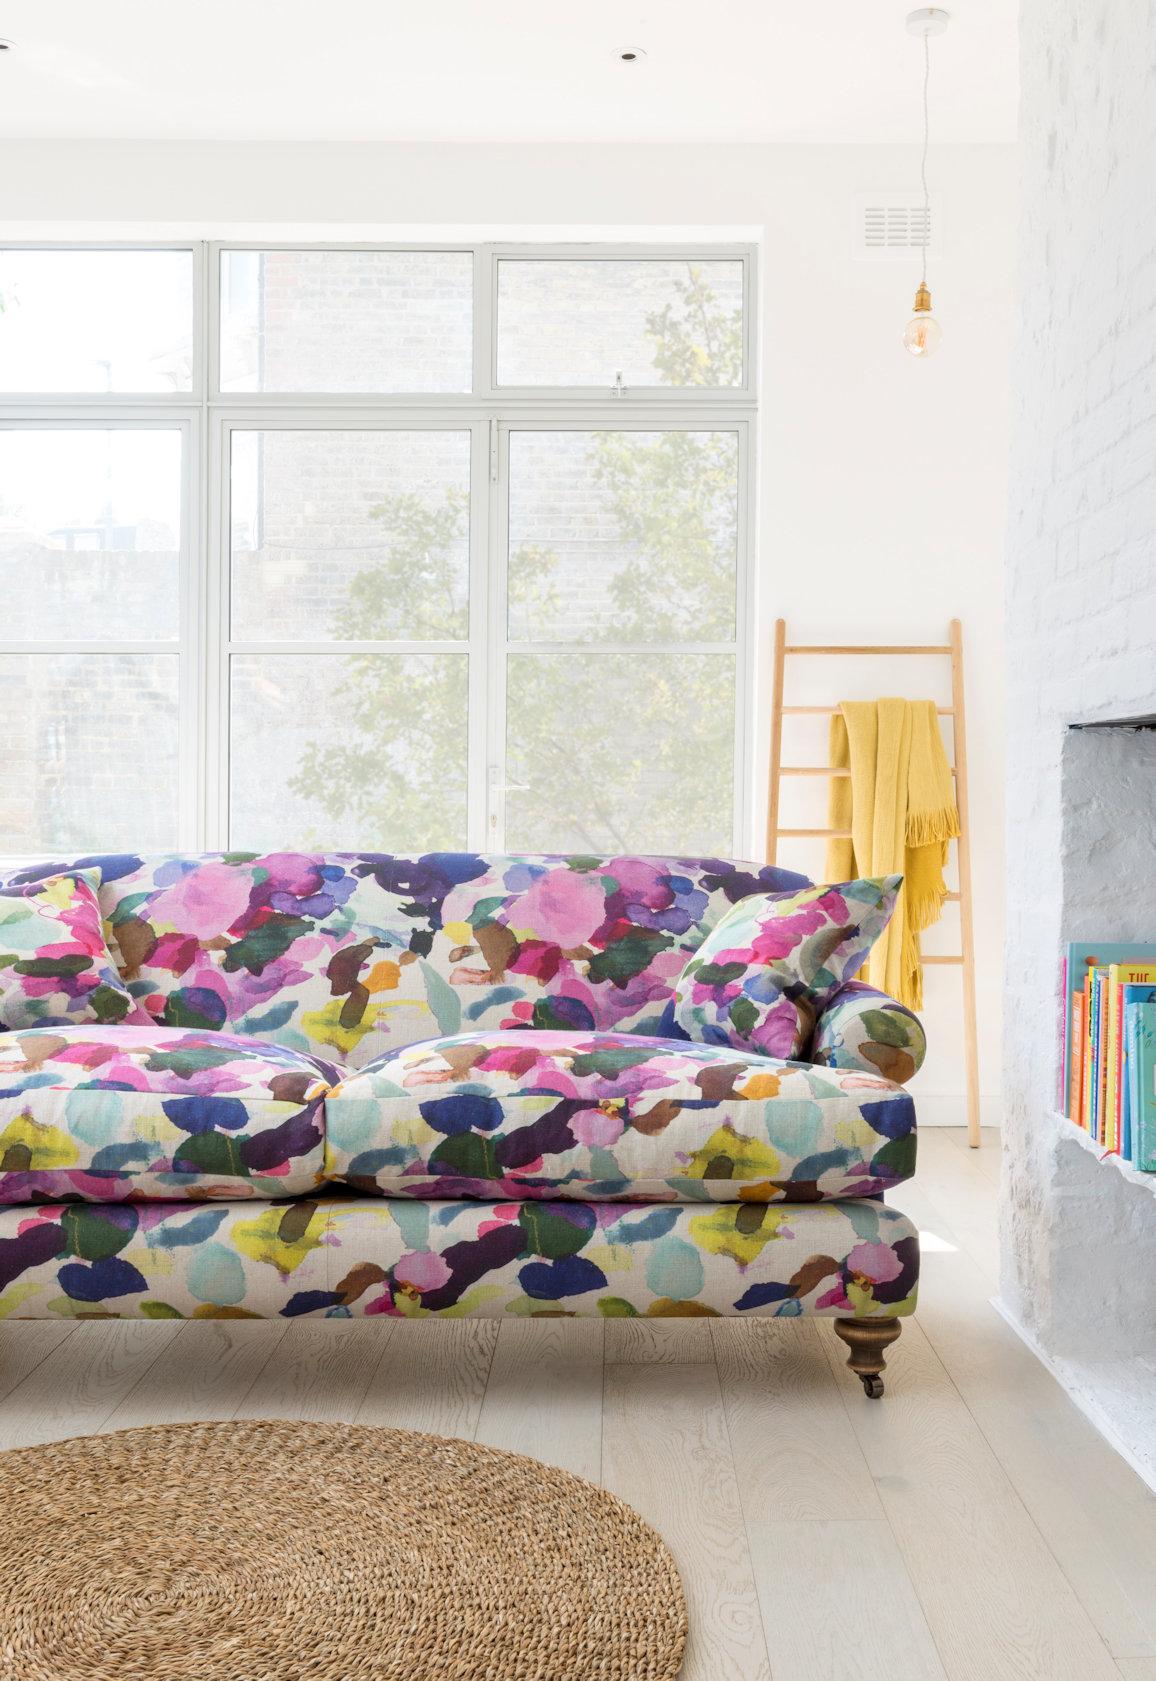 sofas-and-stuff-stroud-cotswolds-concierge (3) - Cotswolds Concierge